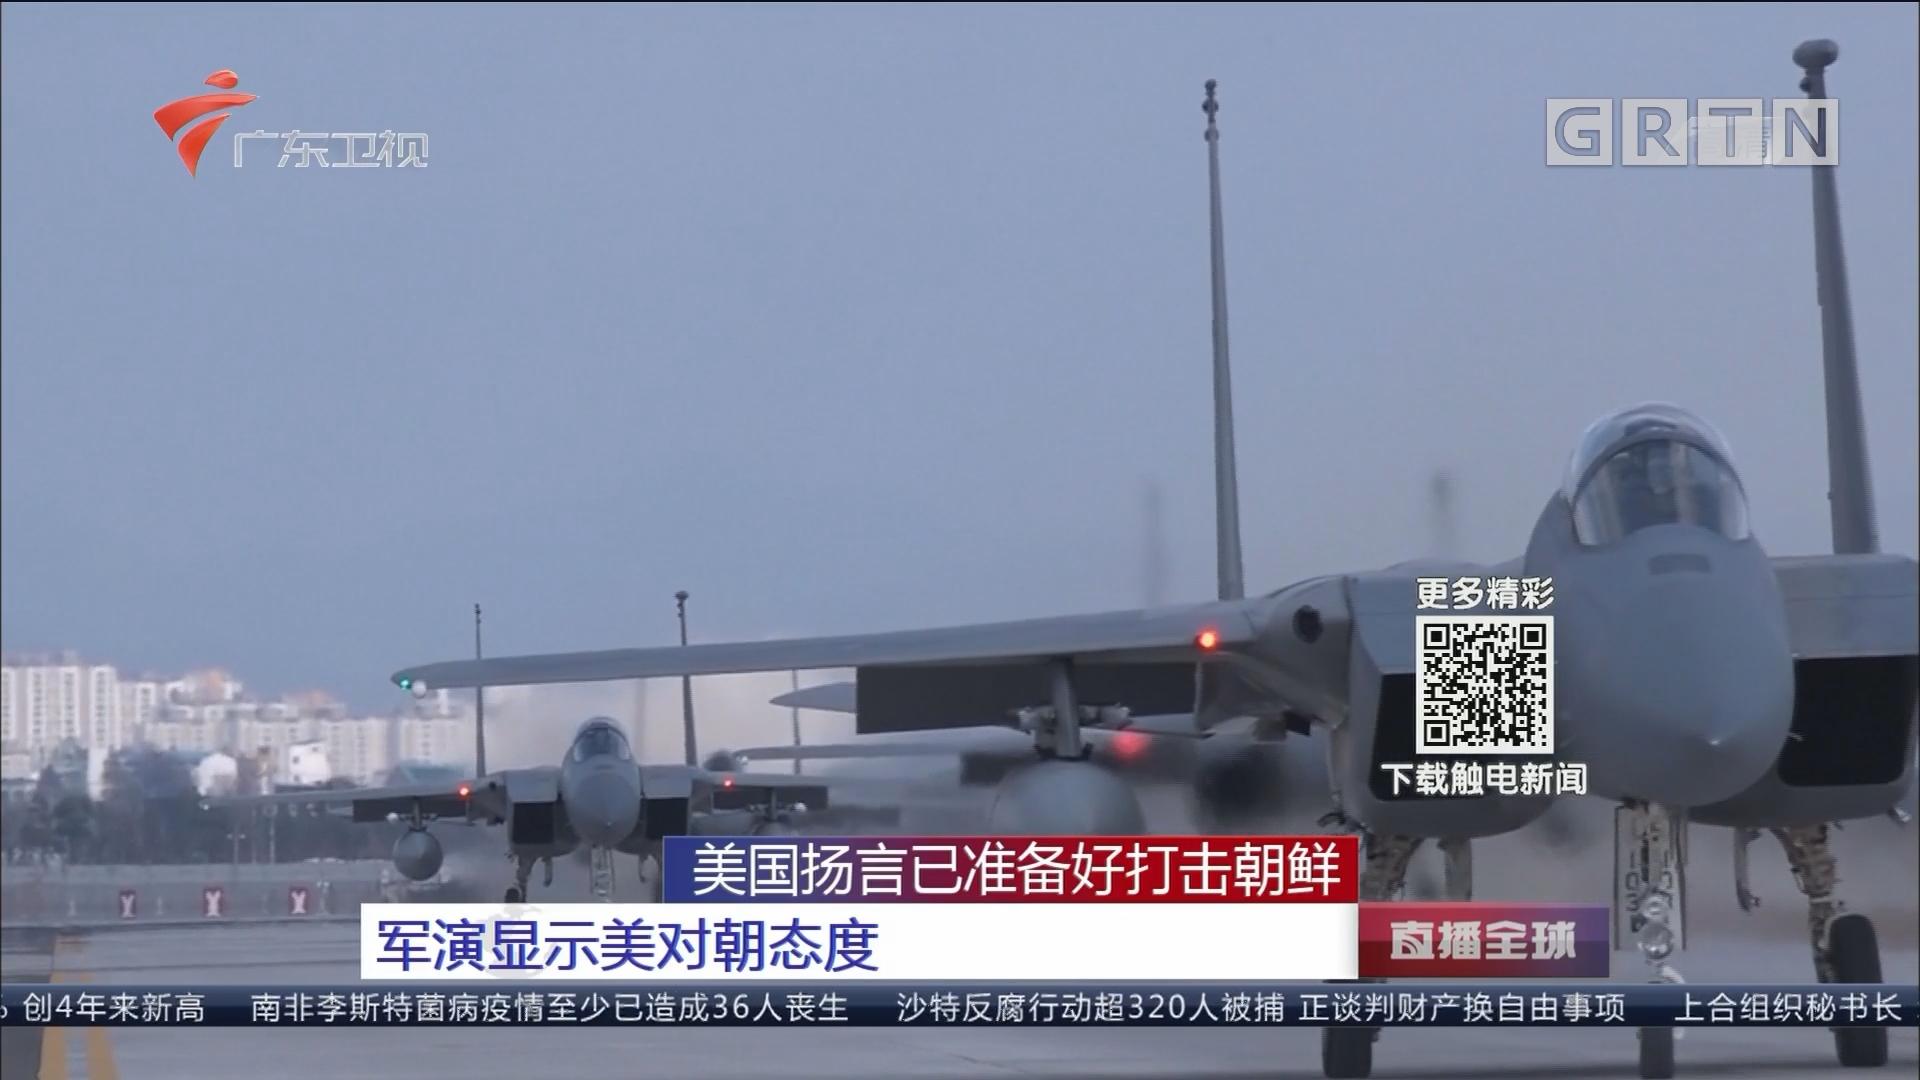 美国扬言已准备好打击朝鲜 军演显示美对朝态度